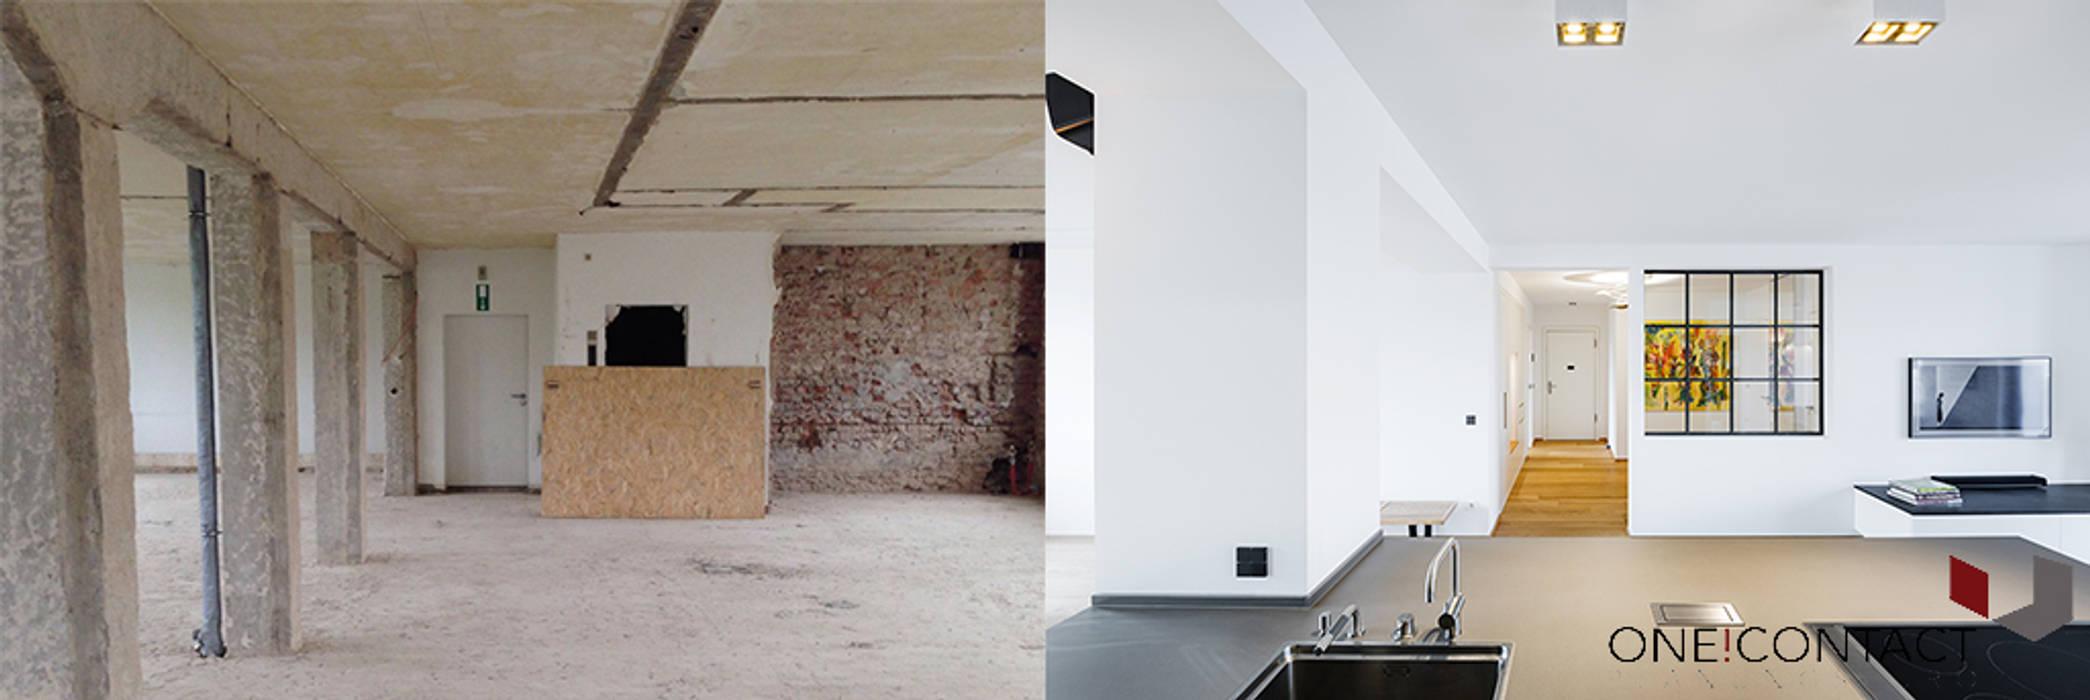 ทันสมัย  โดย ONE!CONTACT - Planungsbüro GmbH, โมเดิร์น